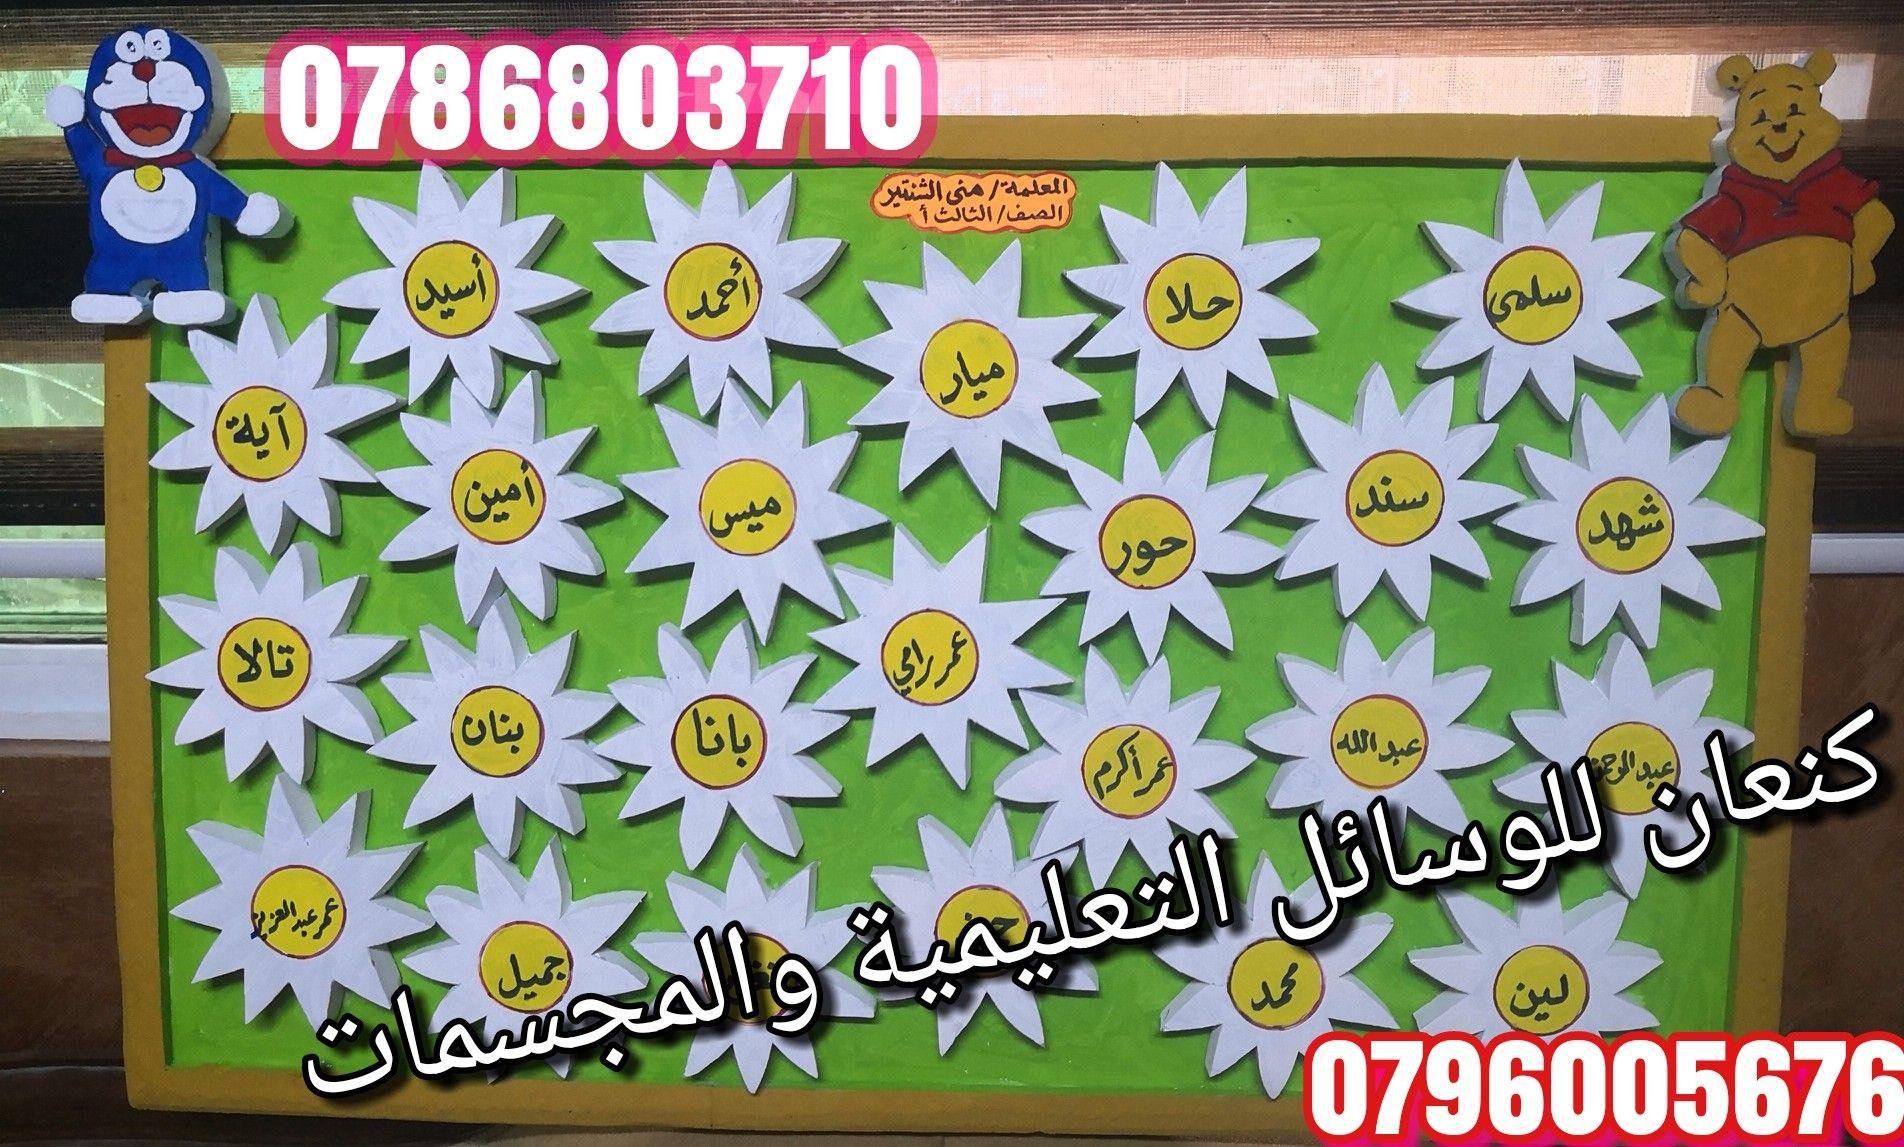 لوحة تعزيز على شكل ازهار ياسمين Parit Education School